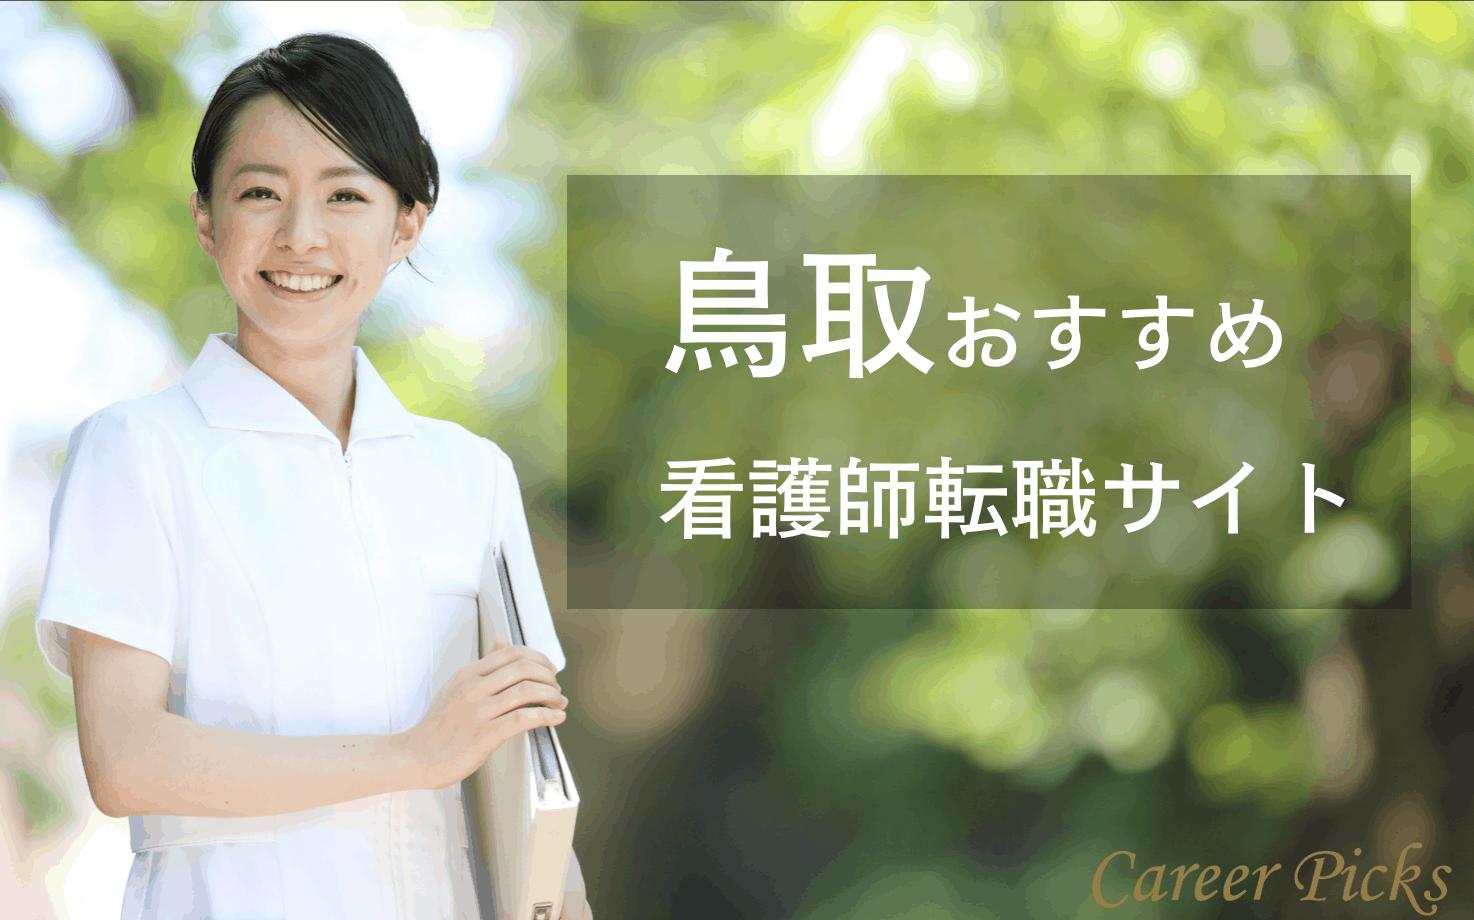 鳥取おすすめ看護師転職サイト